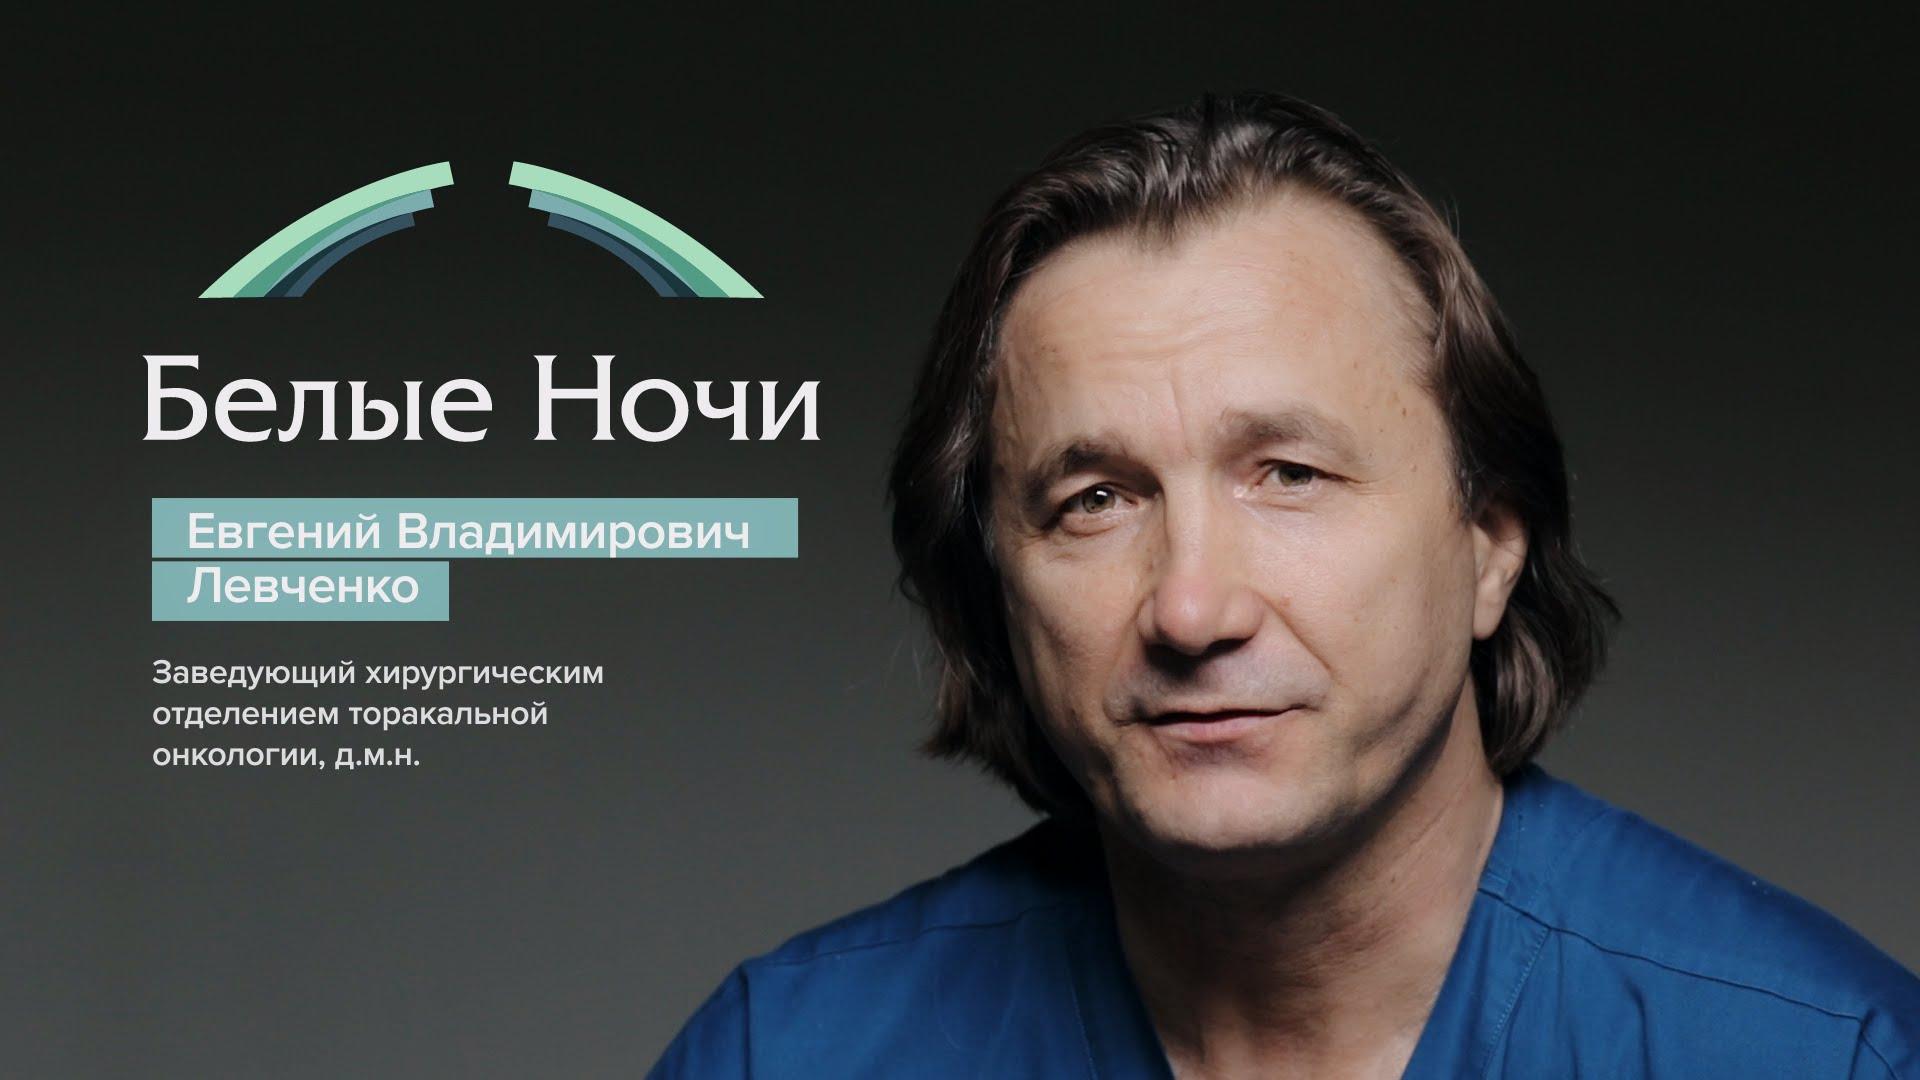 Евгений Левченко, хирург